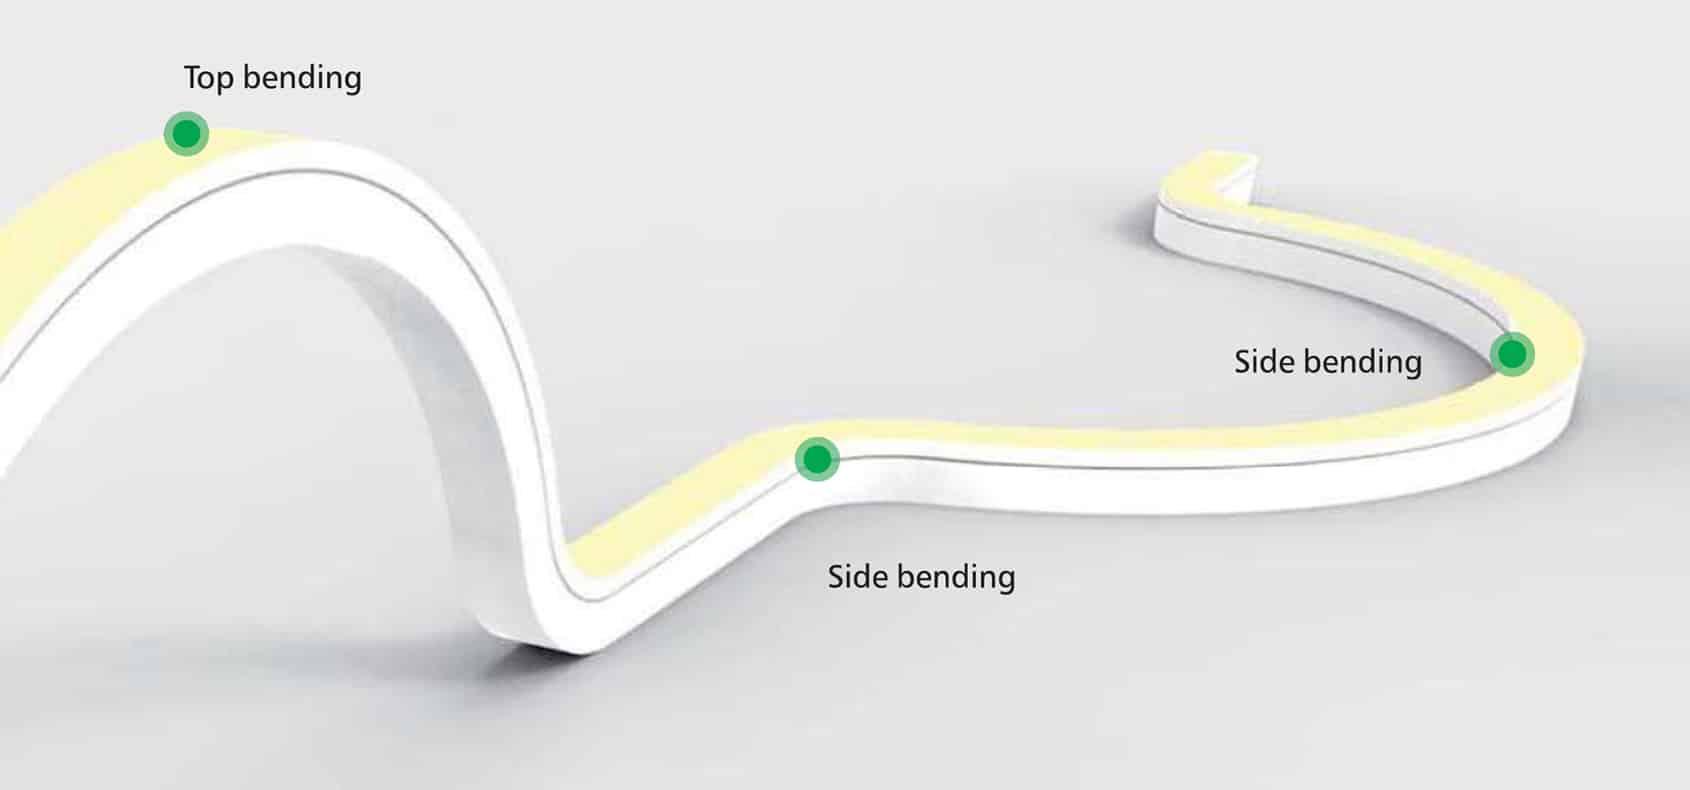 Neon-Flex- 3D Bend - Image